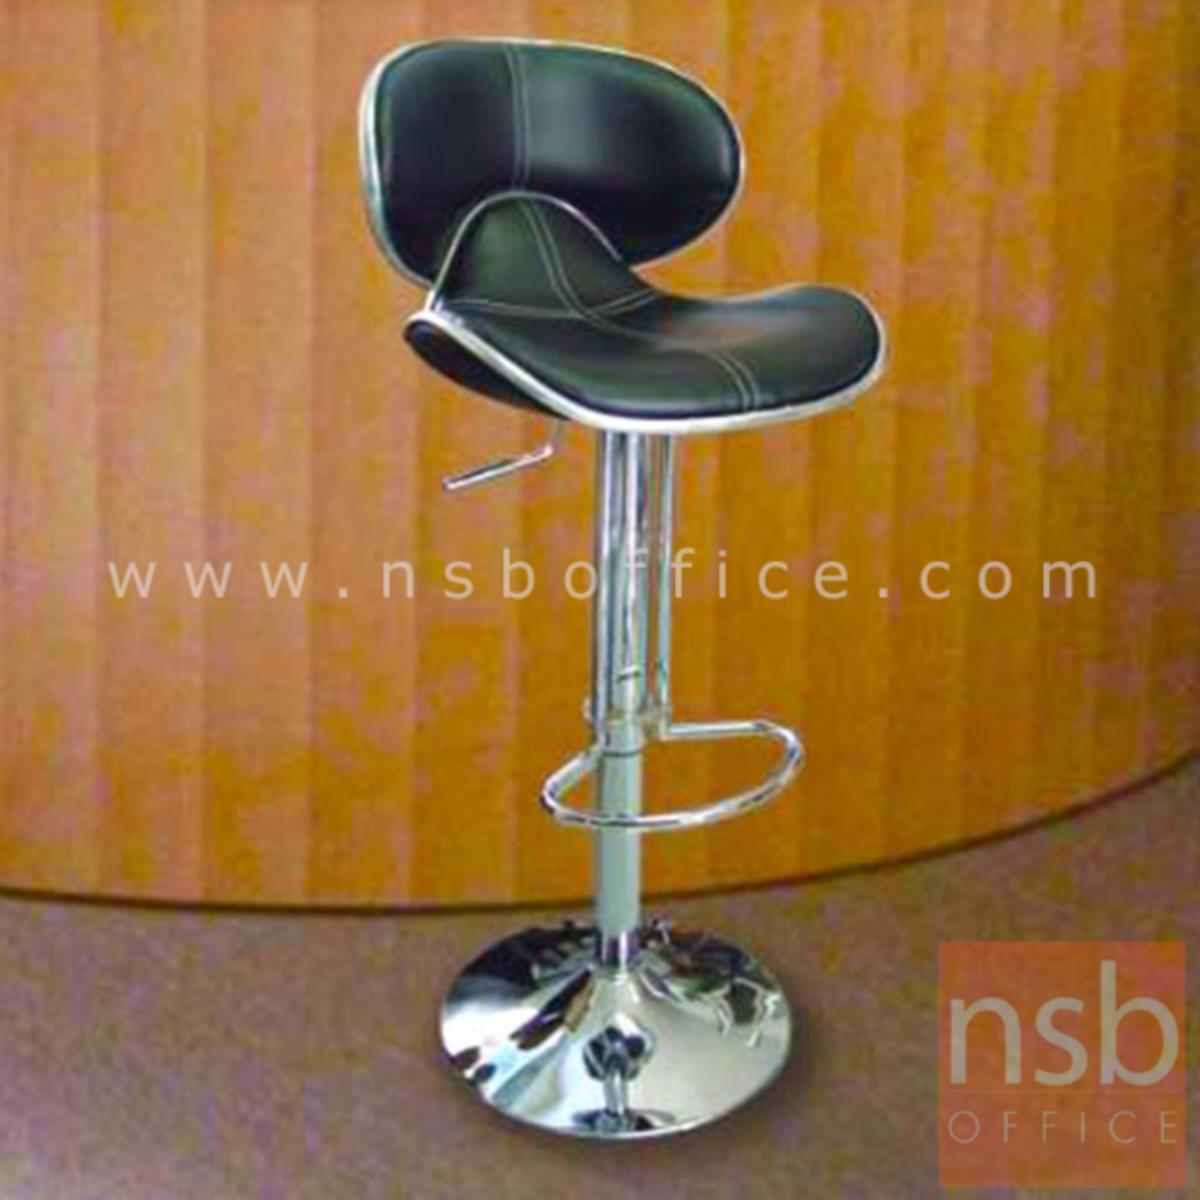 เก้าอี้บาร์สูงหนังเทียม รุ่น Kiele (คีลี)   โช๊คแก๊ส ขาโครเมี่ยมฐานจานกลม